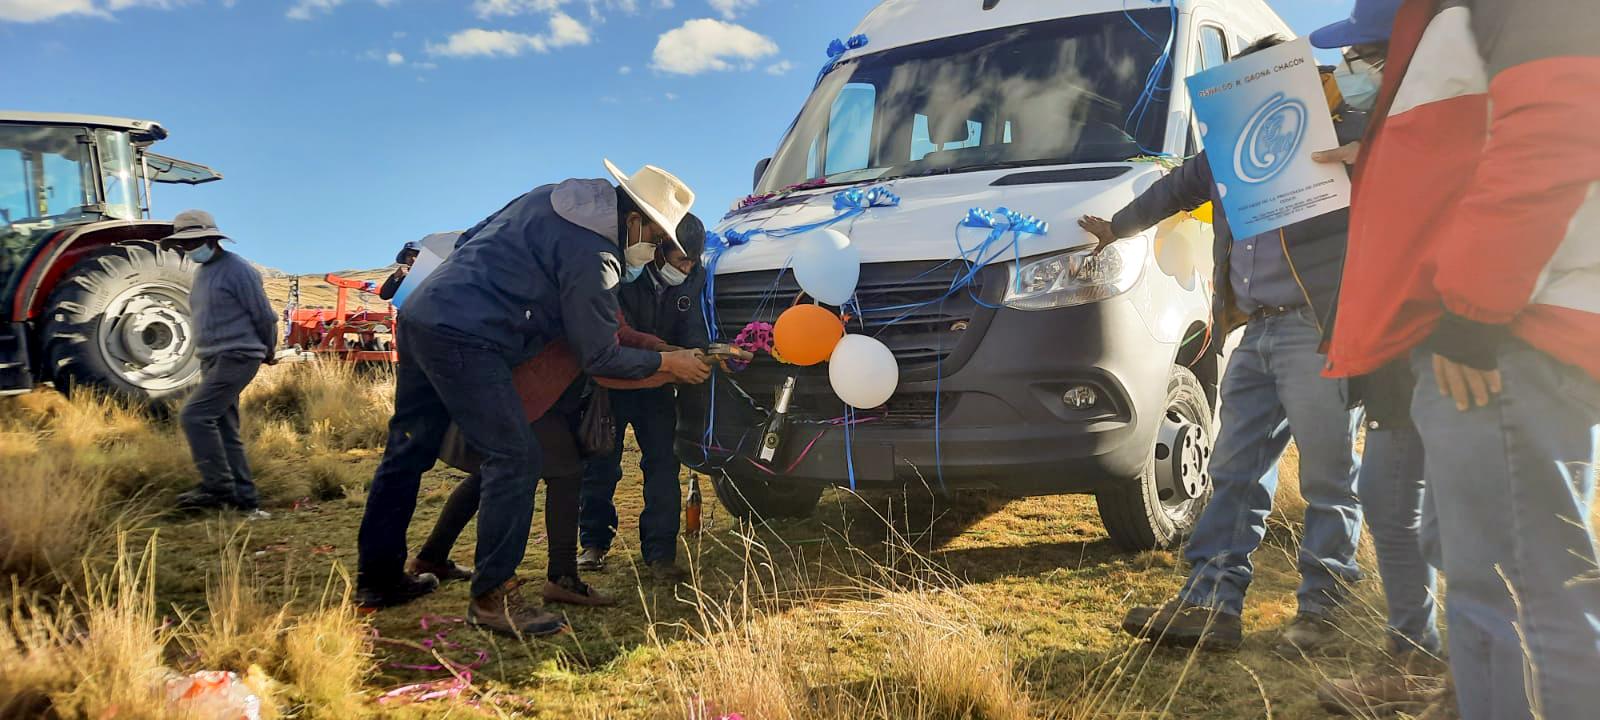 Antapaccay entregó vehículo de transporte y tractor agrícola equipado a la comunidad Alto Huarca